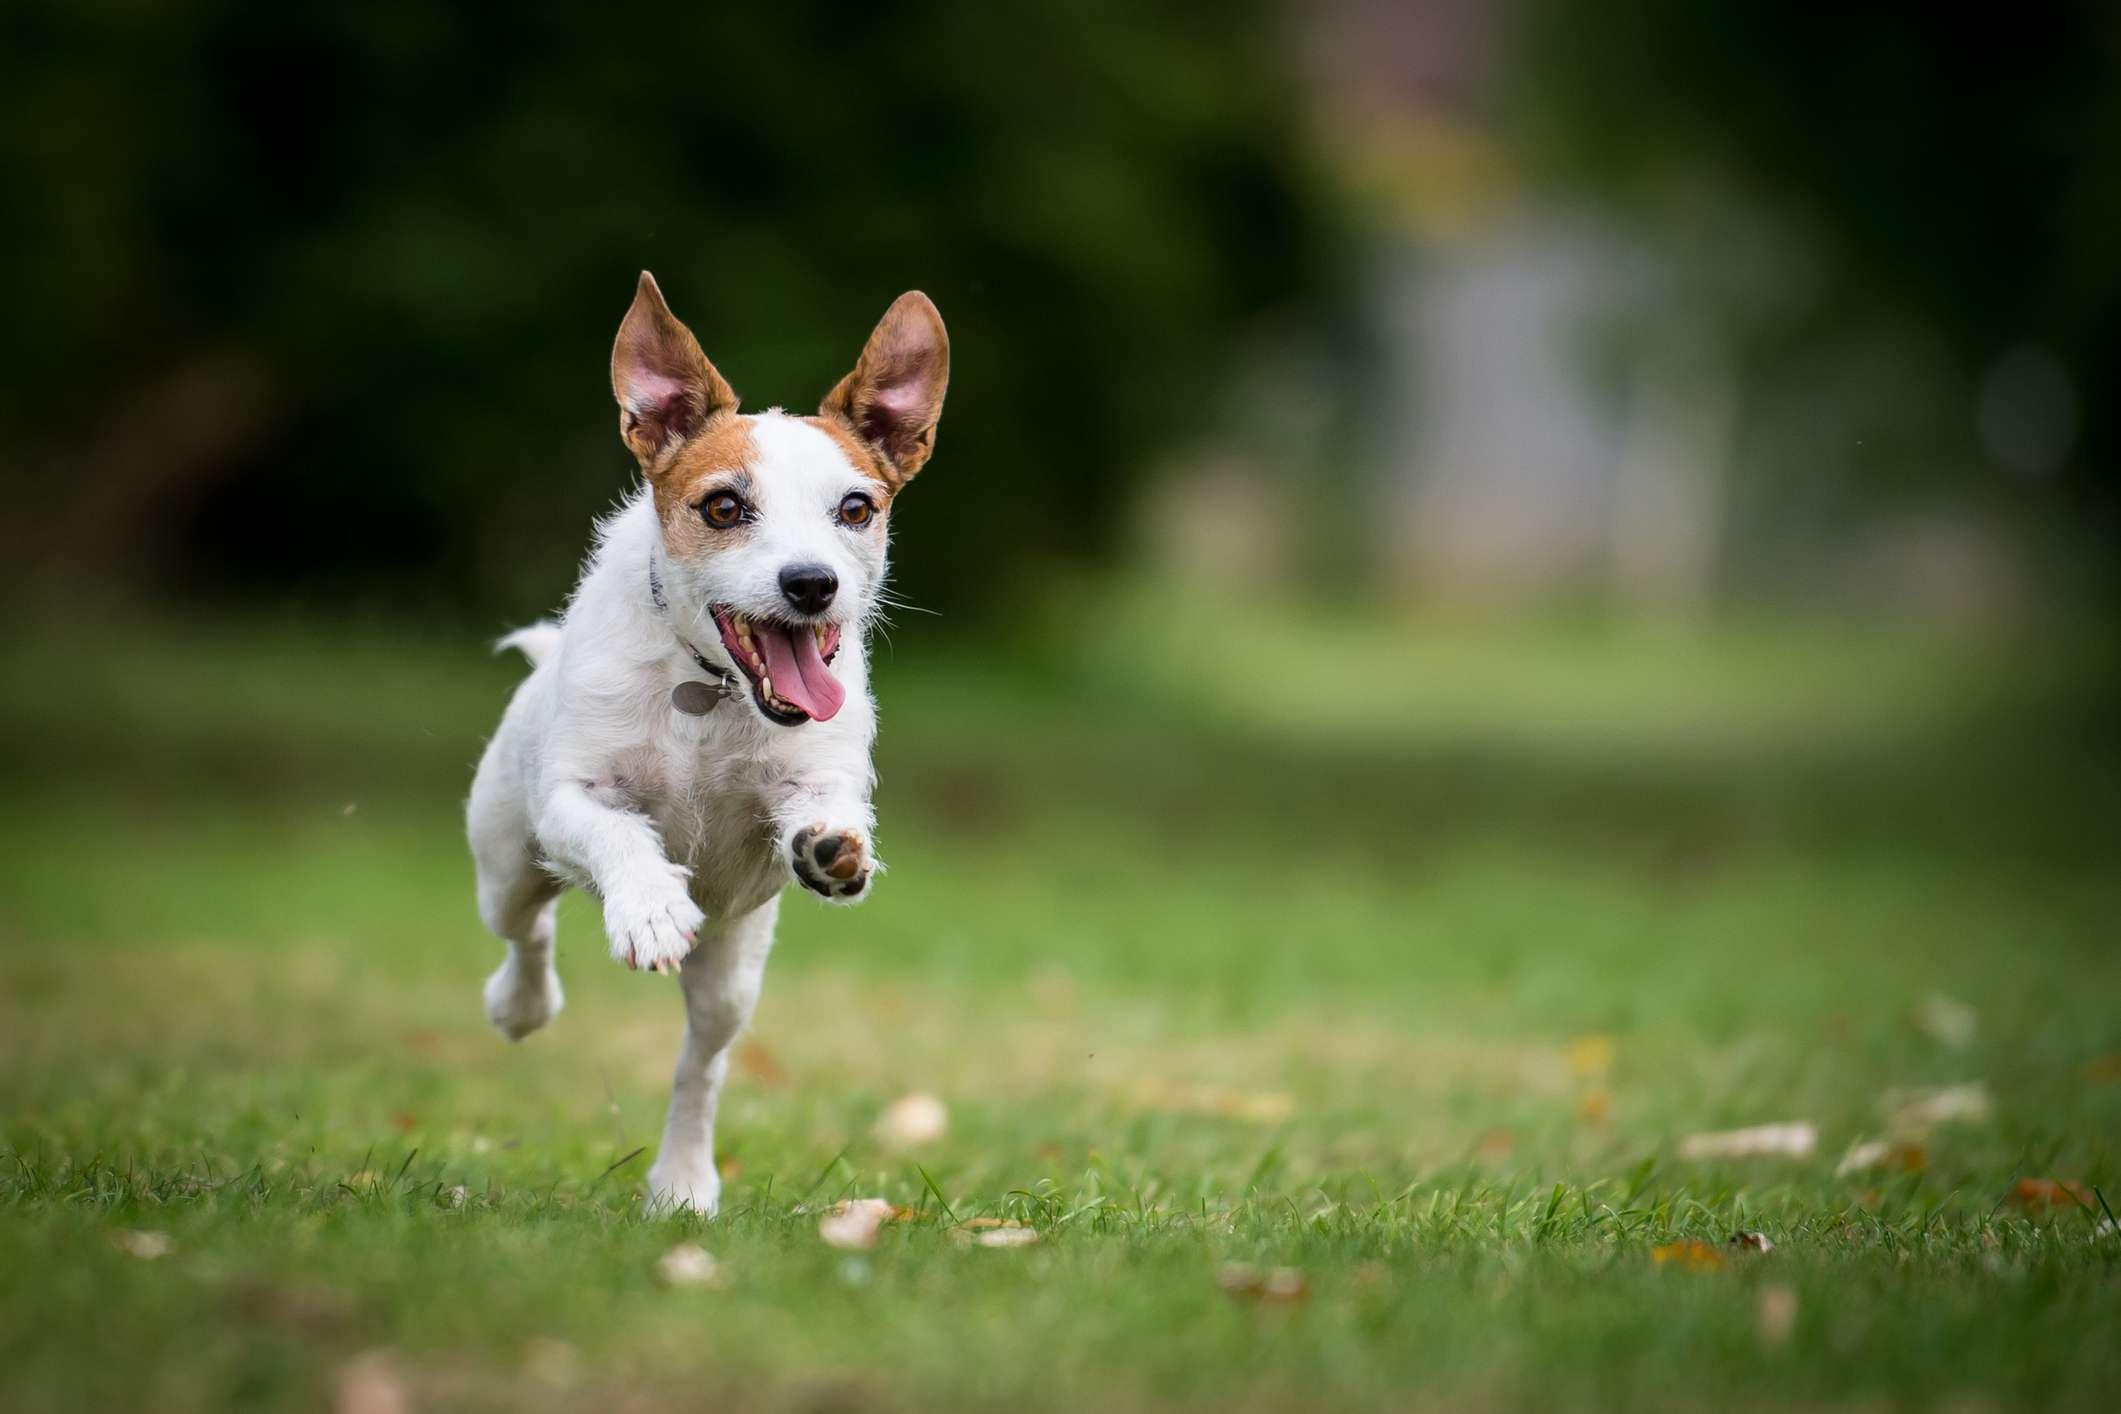 Jack Russell terrier running on grass